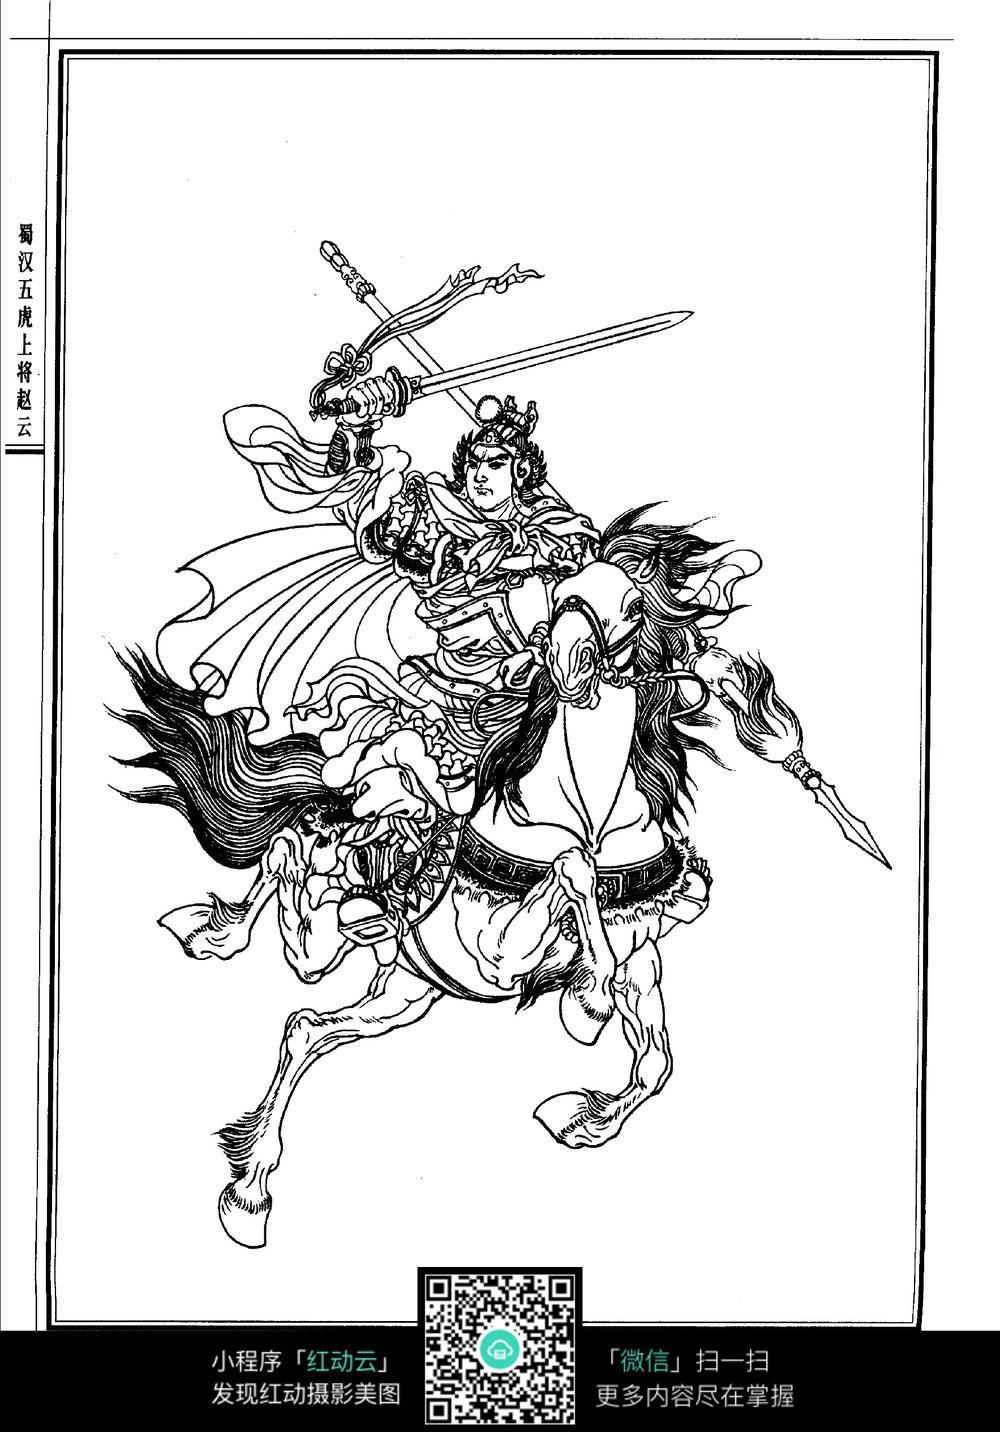 古代武将  武将图谱 黑白武将插画 手绘插图 古代人物 将领 古装人物